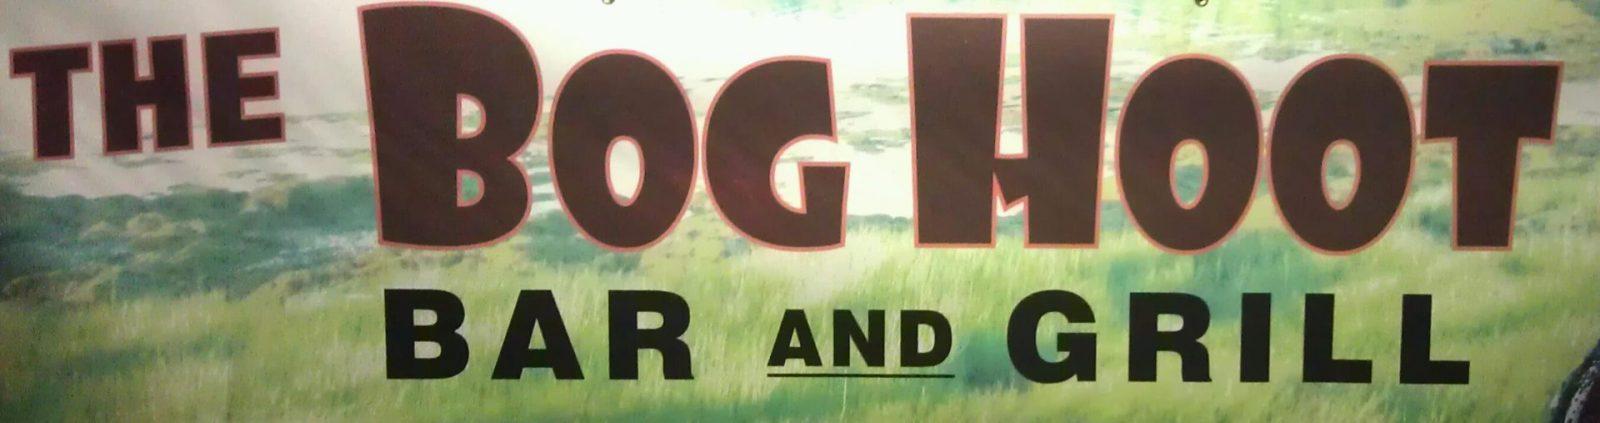 Bog Hoot Bar & Grill